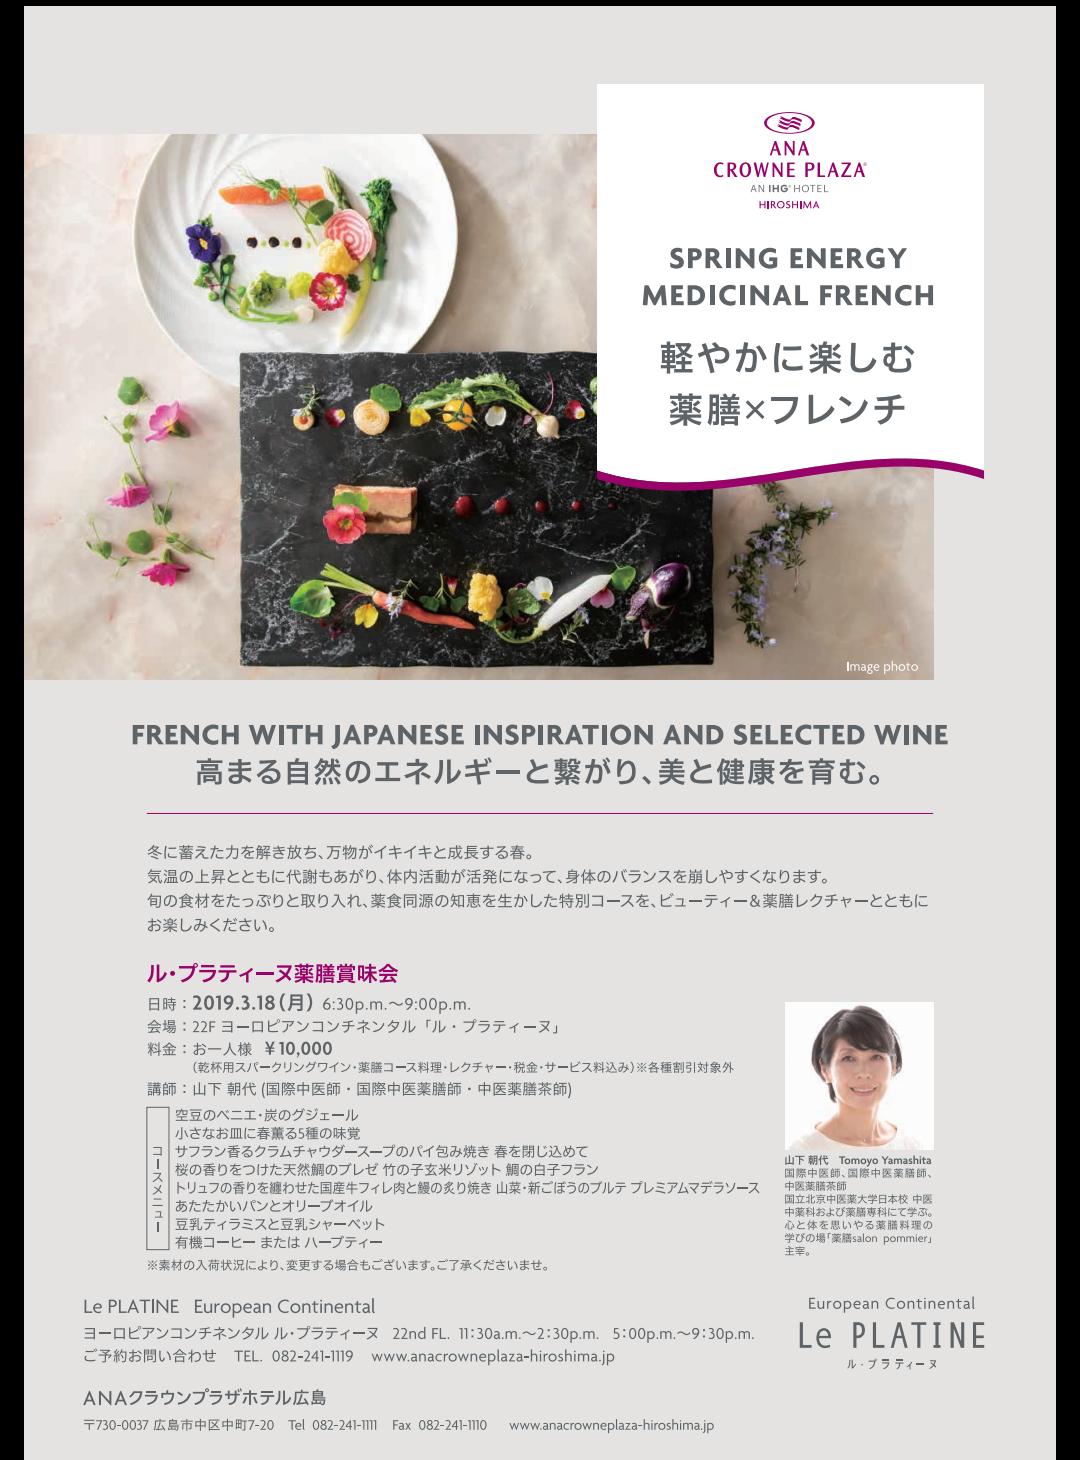 広島|薬膳フレンチ賞味会のご案内